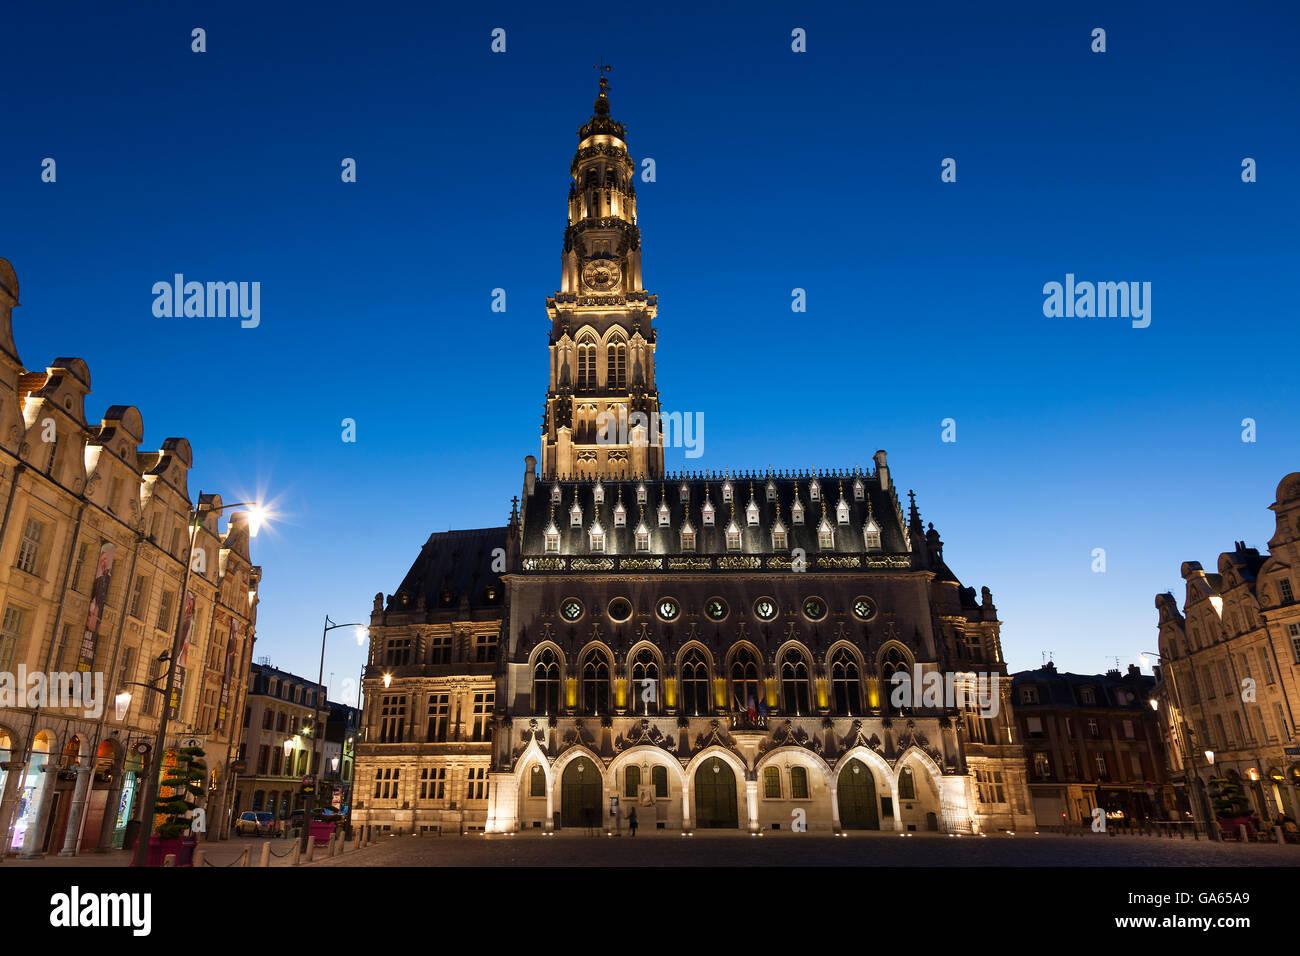 Town hall, Place des Héros, Arras, Pas de Calais Department, Nord-Pas de Calais Picardie region, France - Stock Image